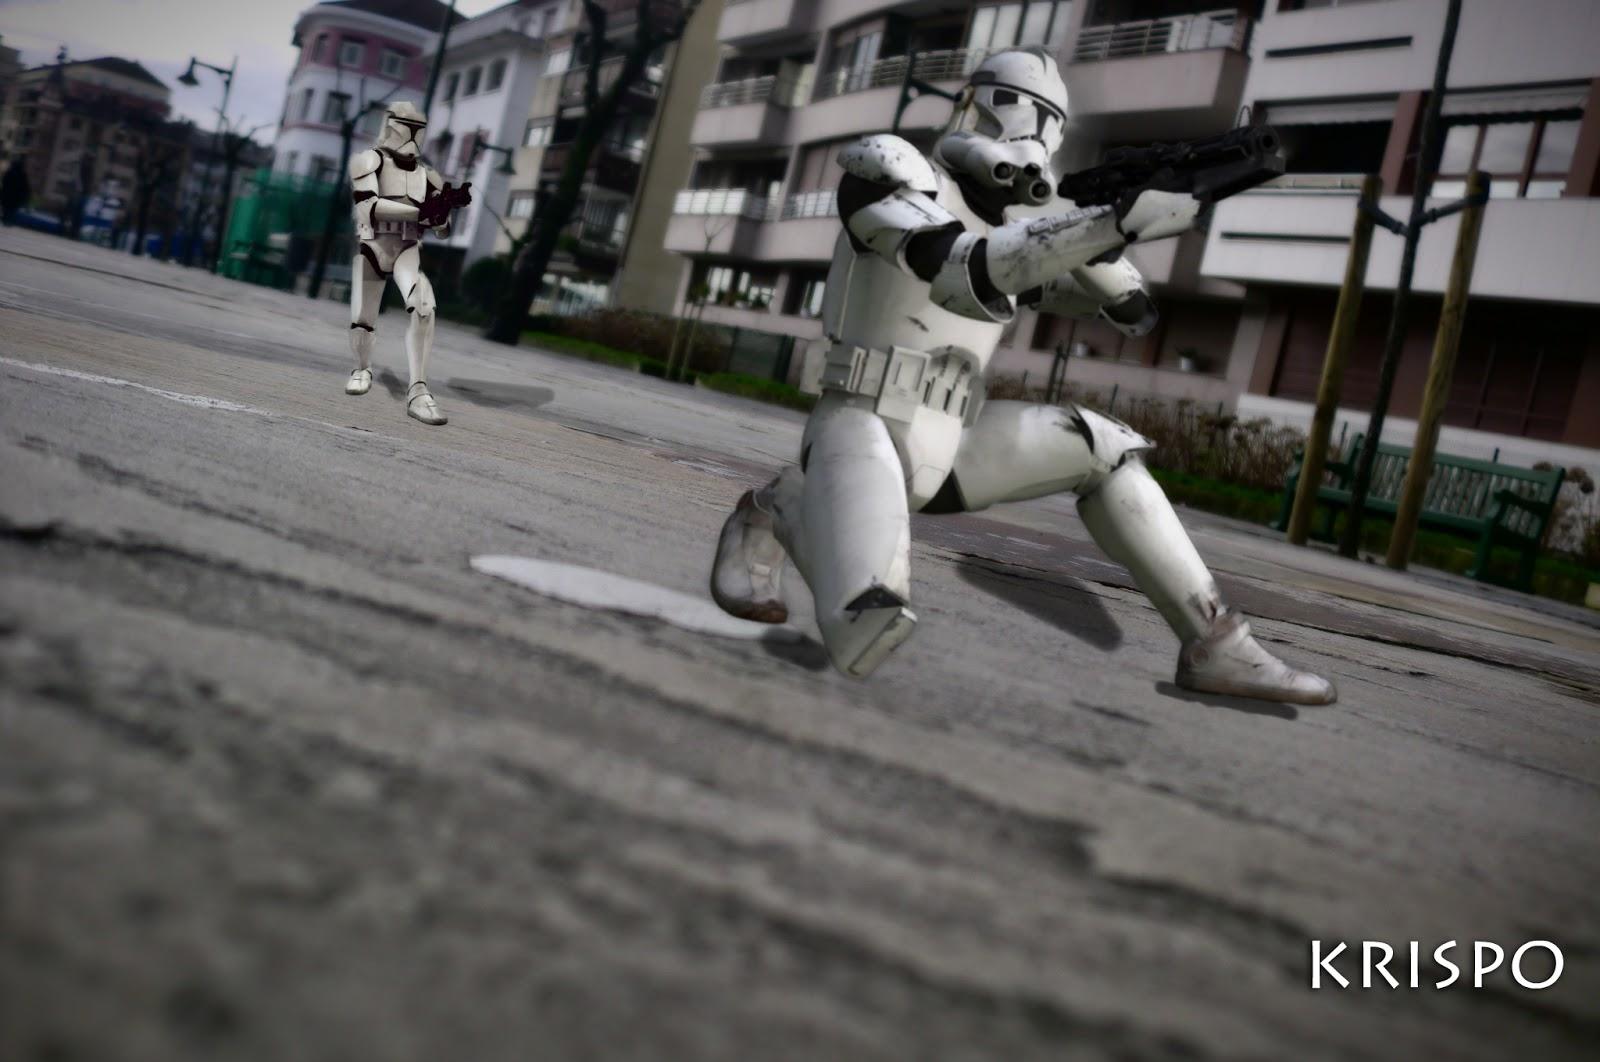 fotomontaje de Star Wars en Hondarribia con clones